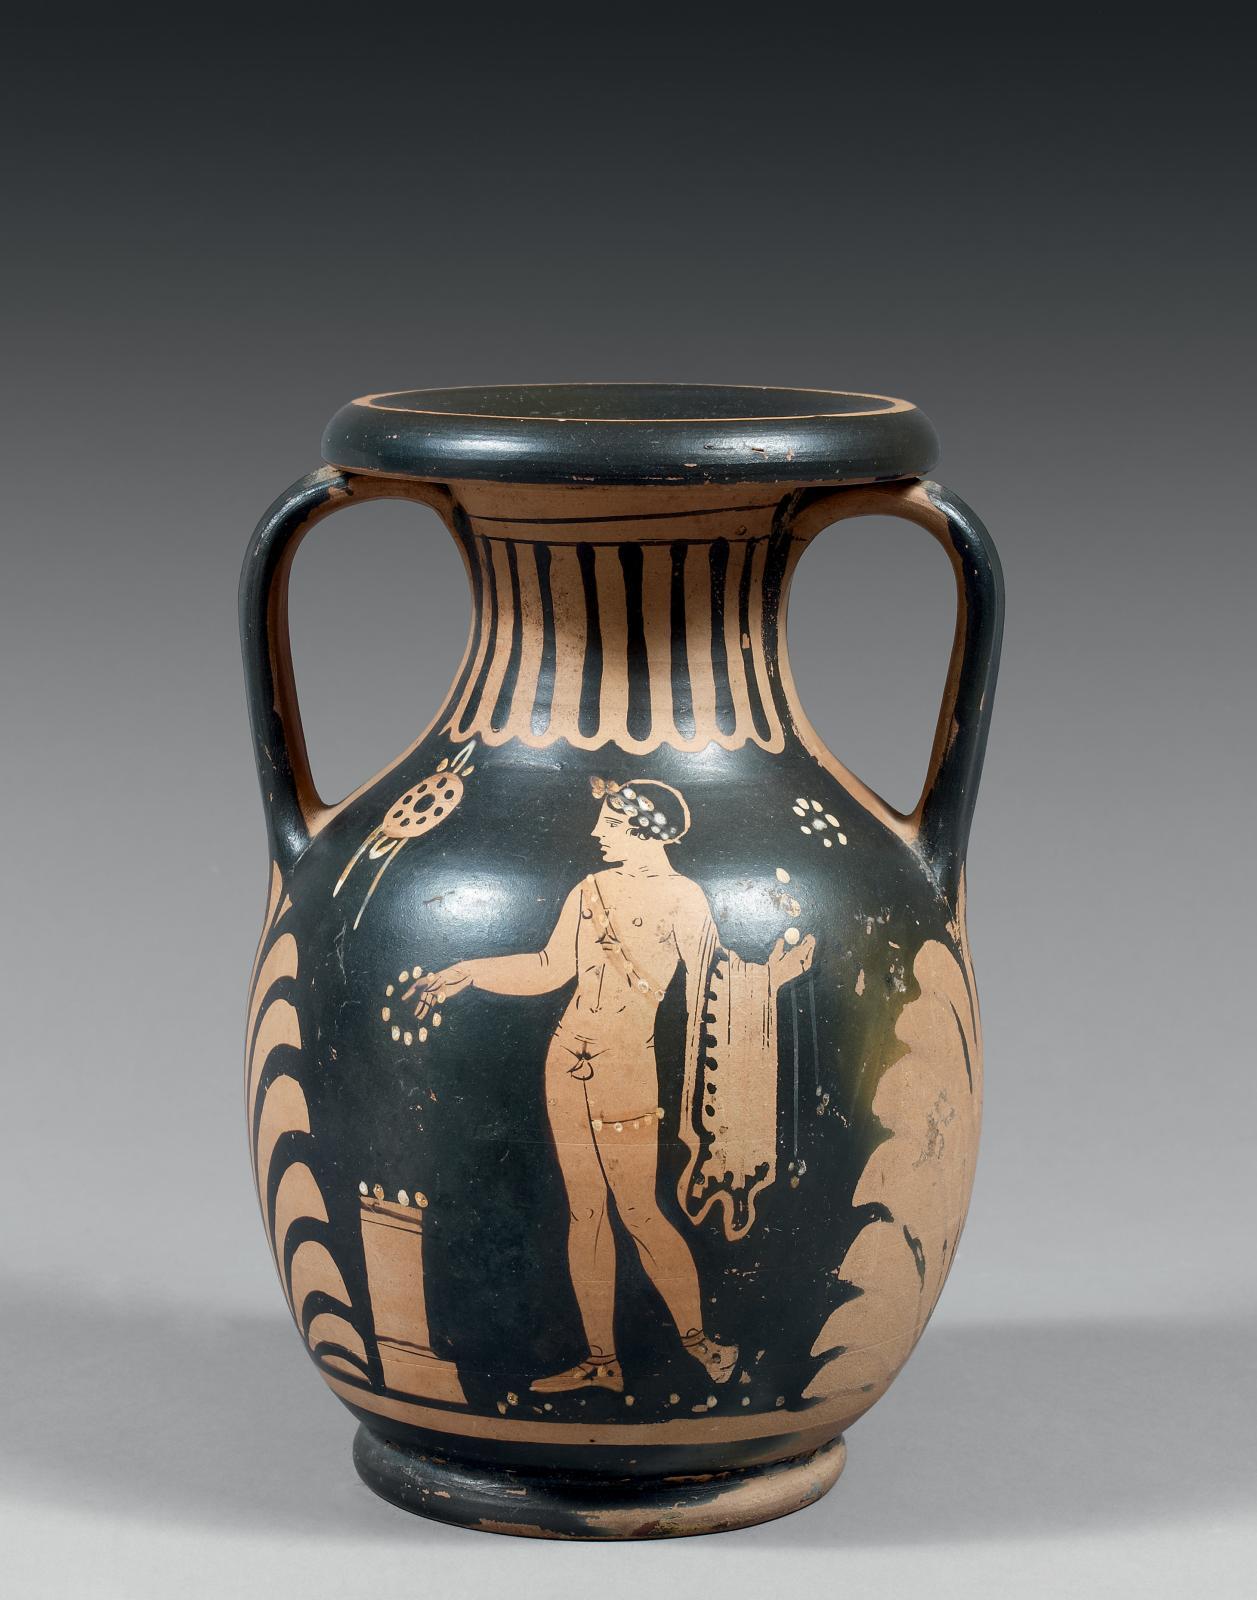 Grande-Grèce, ateliers siciliens(?), IVesiècle av. J.-C. Olpé à figures rouges décoré d'un côté d'un éphèbe nu offrant une couronne, de l'autre d'un